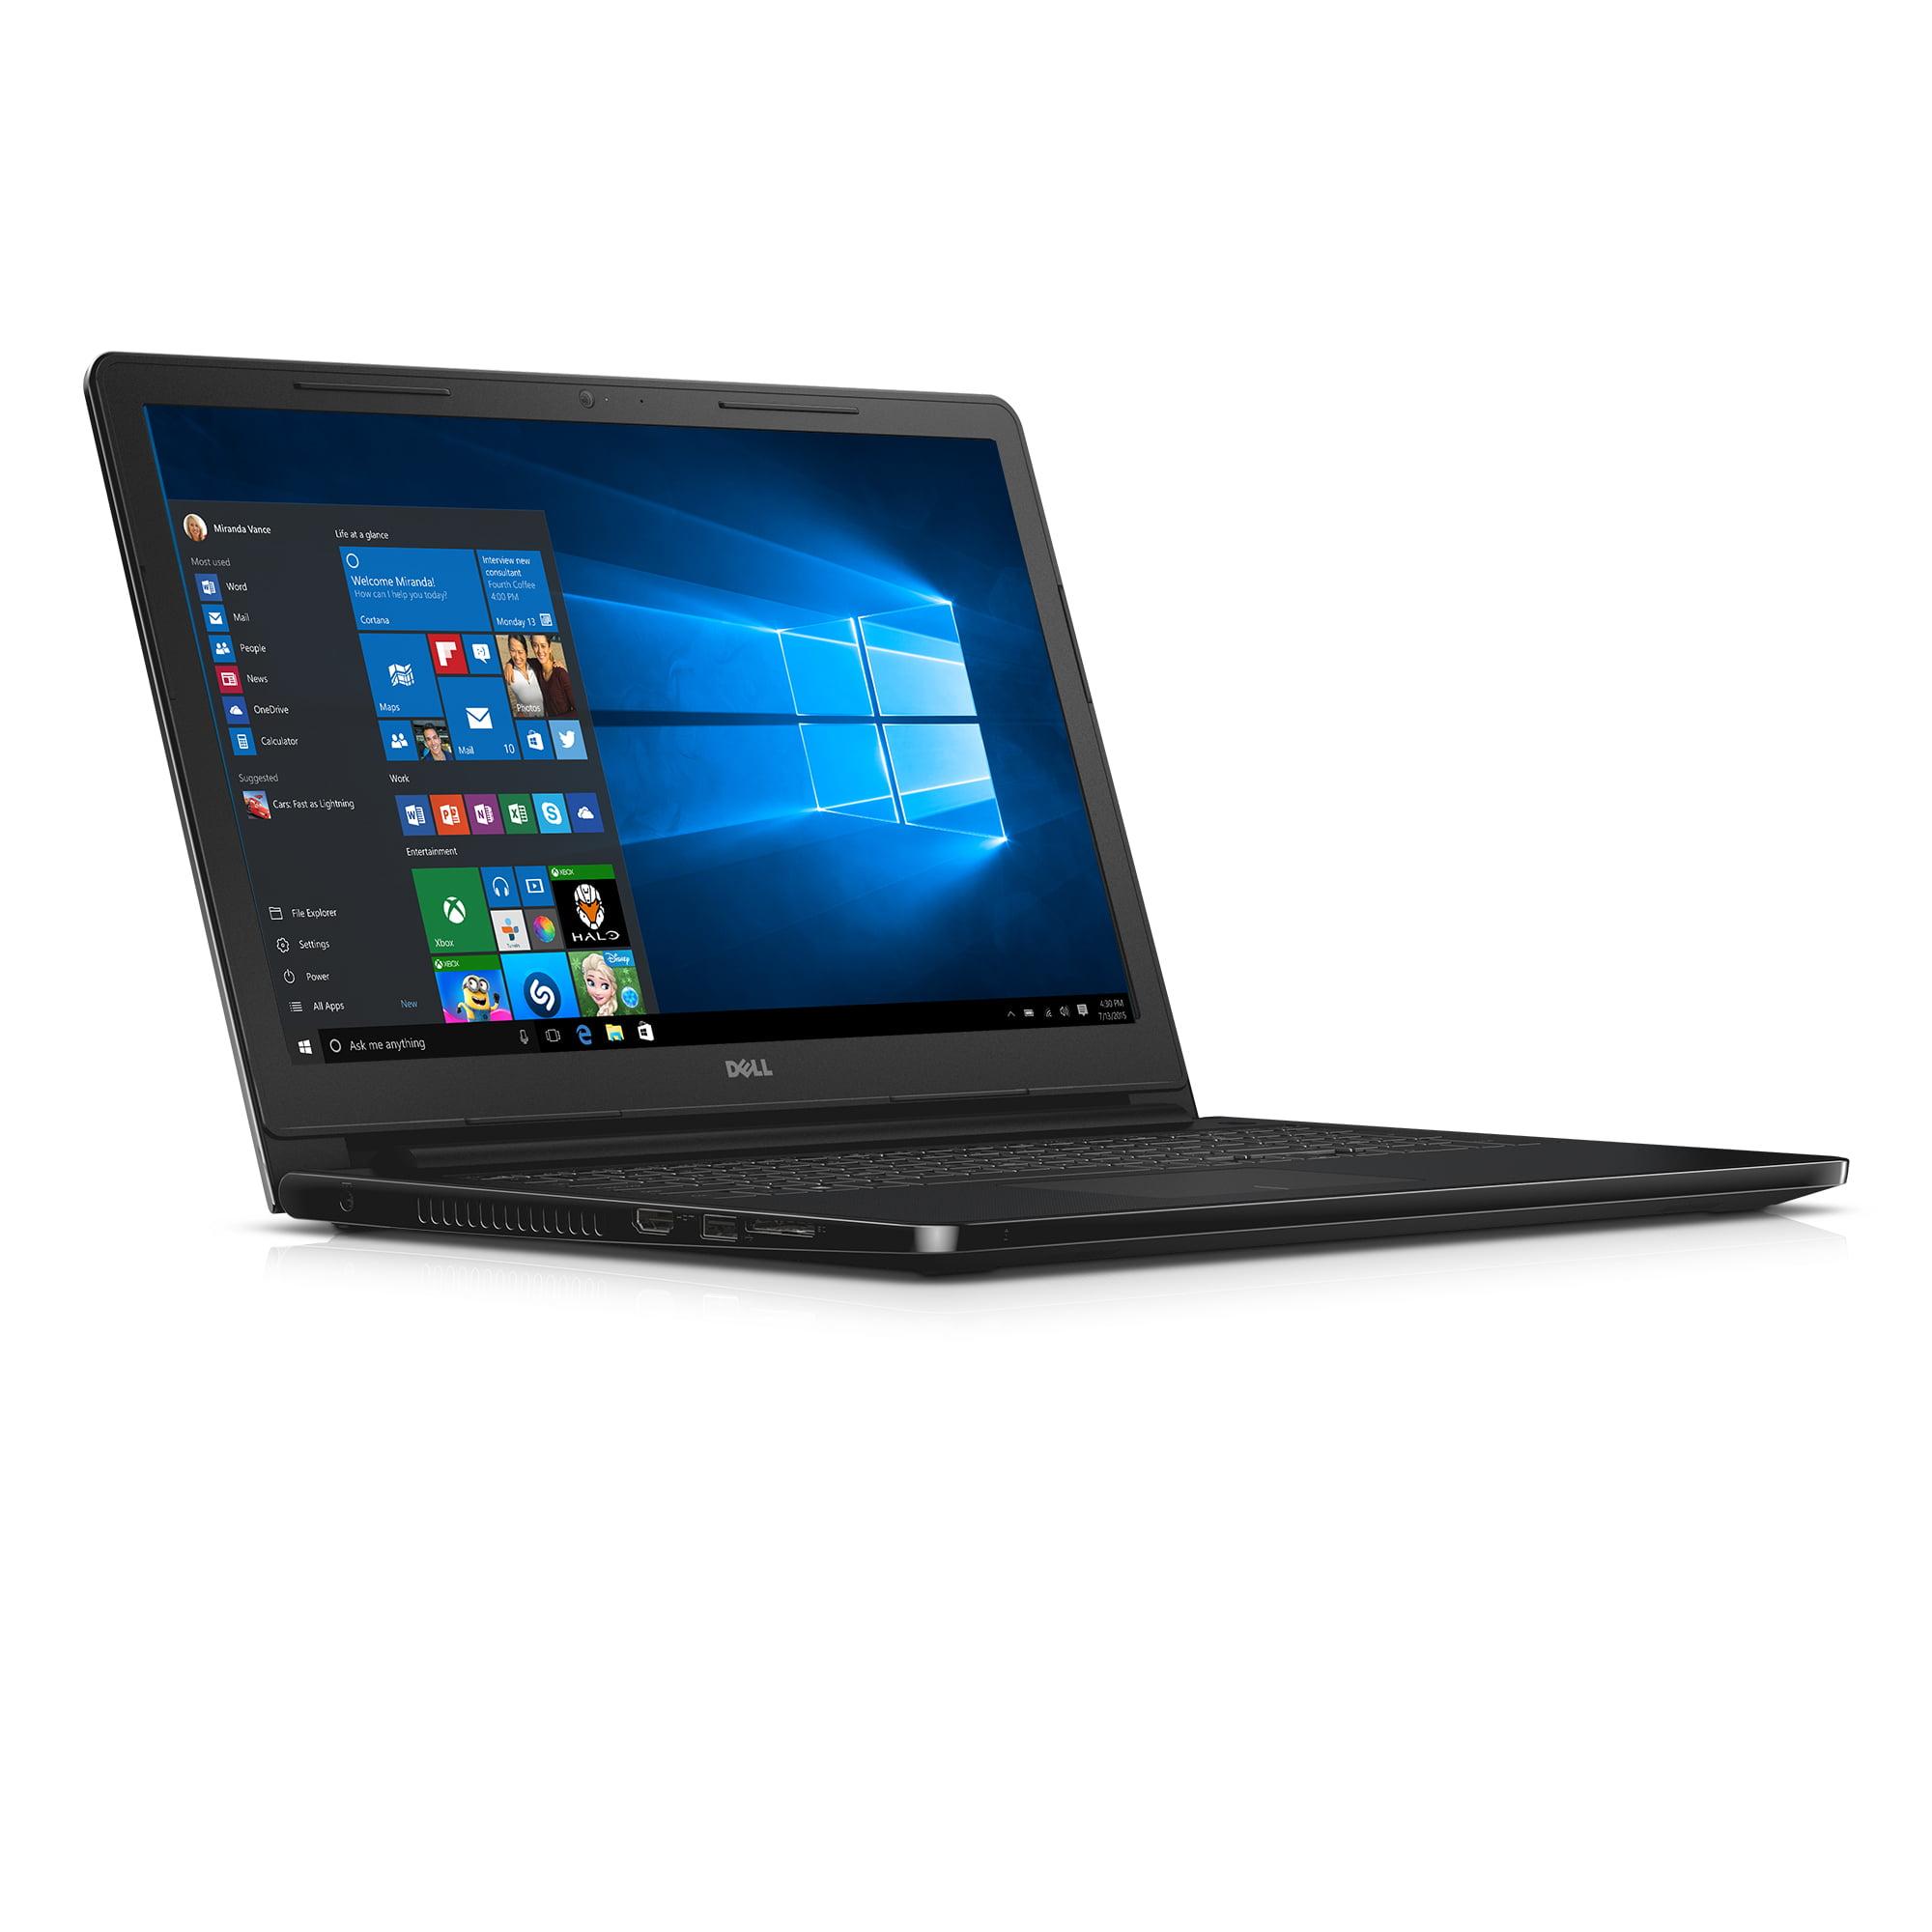 Dell Inspiron 15 3000 156 Inch Hd Intel Celeron Processor N3060 3576 4gb 1600mhz Ddr 500gb 5400 Rpm Hdd